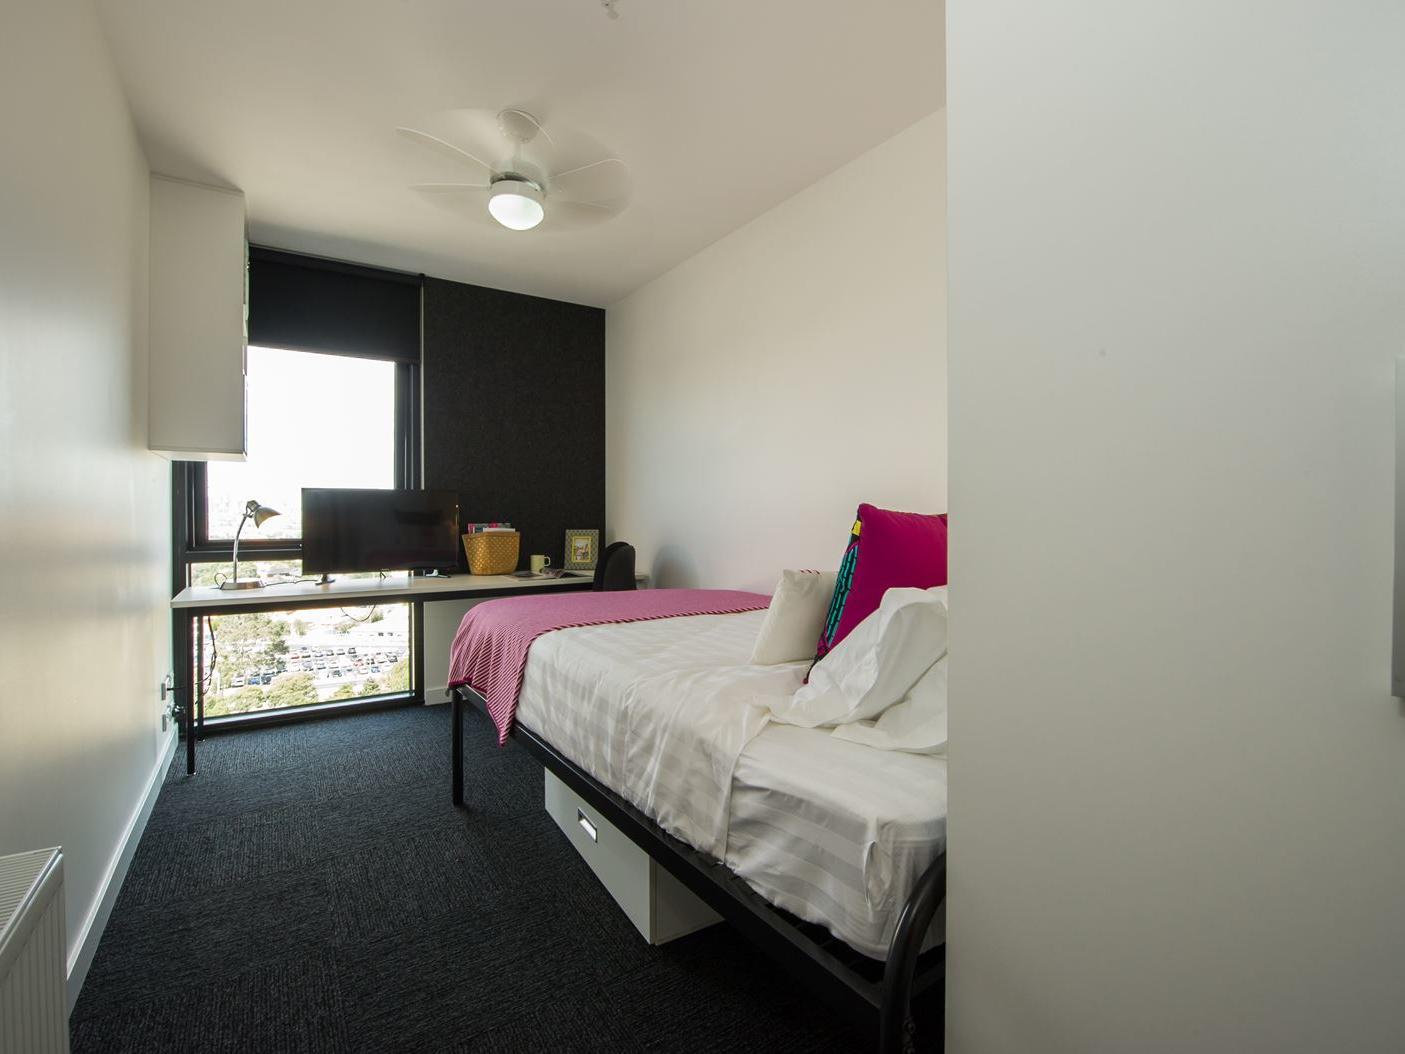 2 Bedroom Apartment - Regular Bedroom